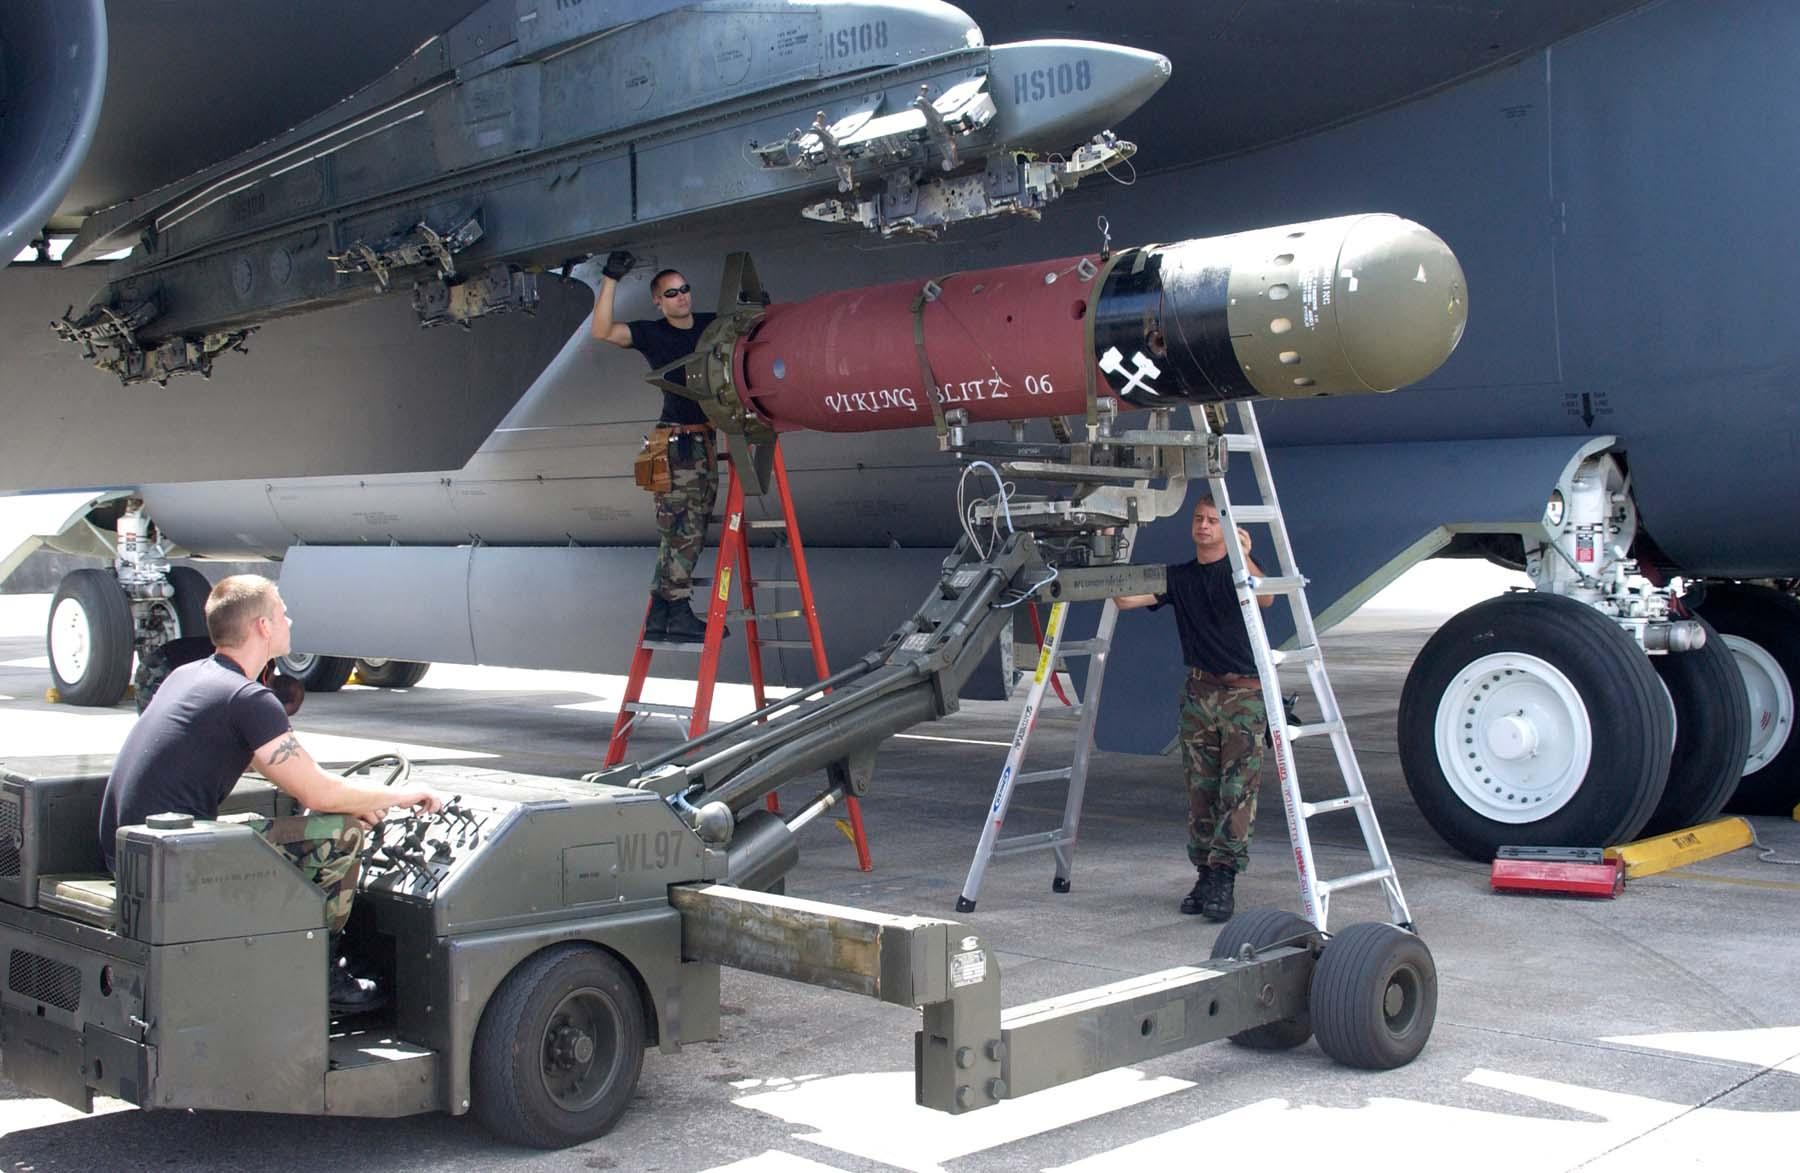 http://www.cybermodeler.com/aircraft/b-52/images/061102-f-4972p-102.jpg